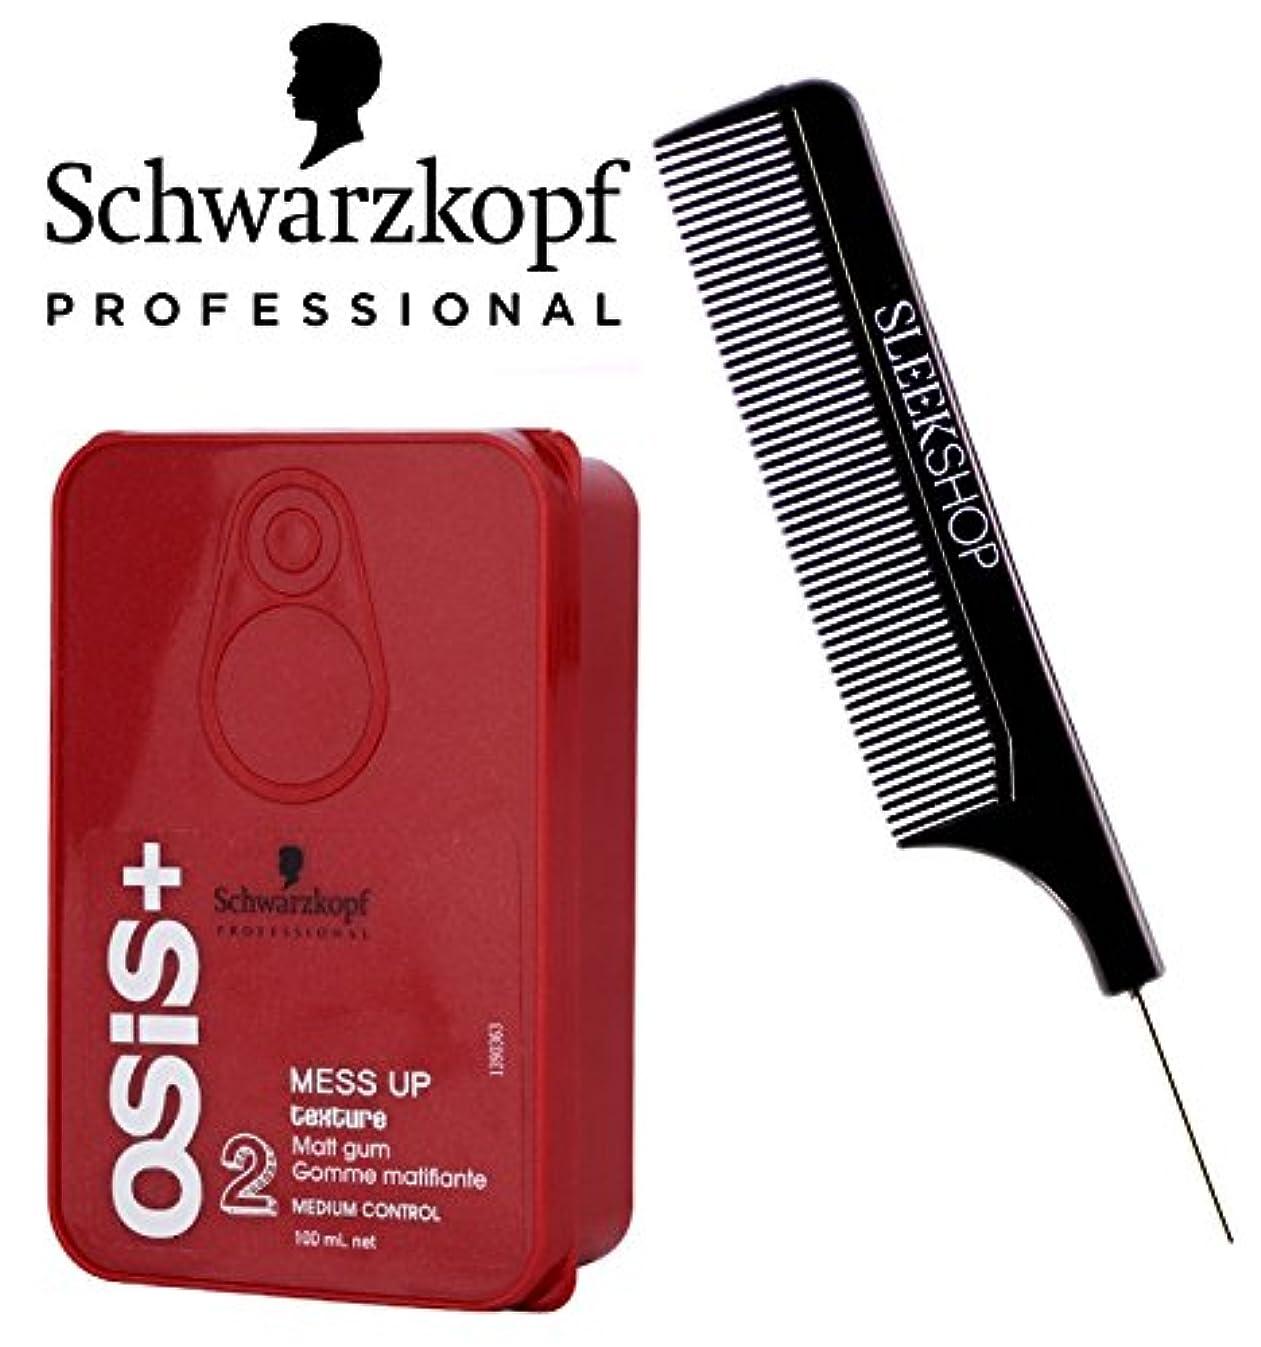 情報コロニアル吸収Schwarzkopf OSIS + UP(なめらかなスチールピンテールくし付き)2マットペースト、MEDIUM CONTROL(3.38オンス/ 100ミリリットル)MESS 3.38オンス/ 100mlで